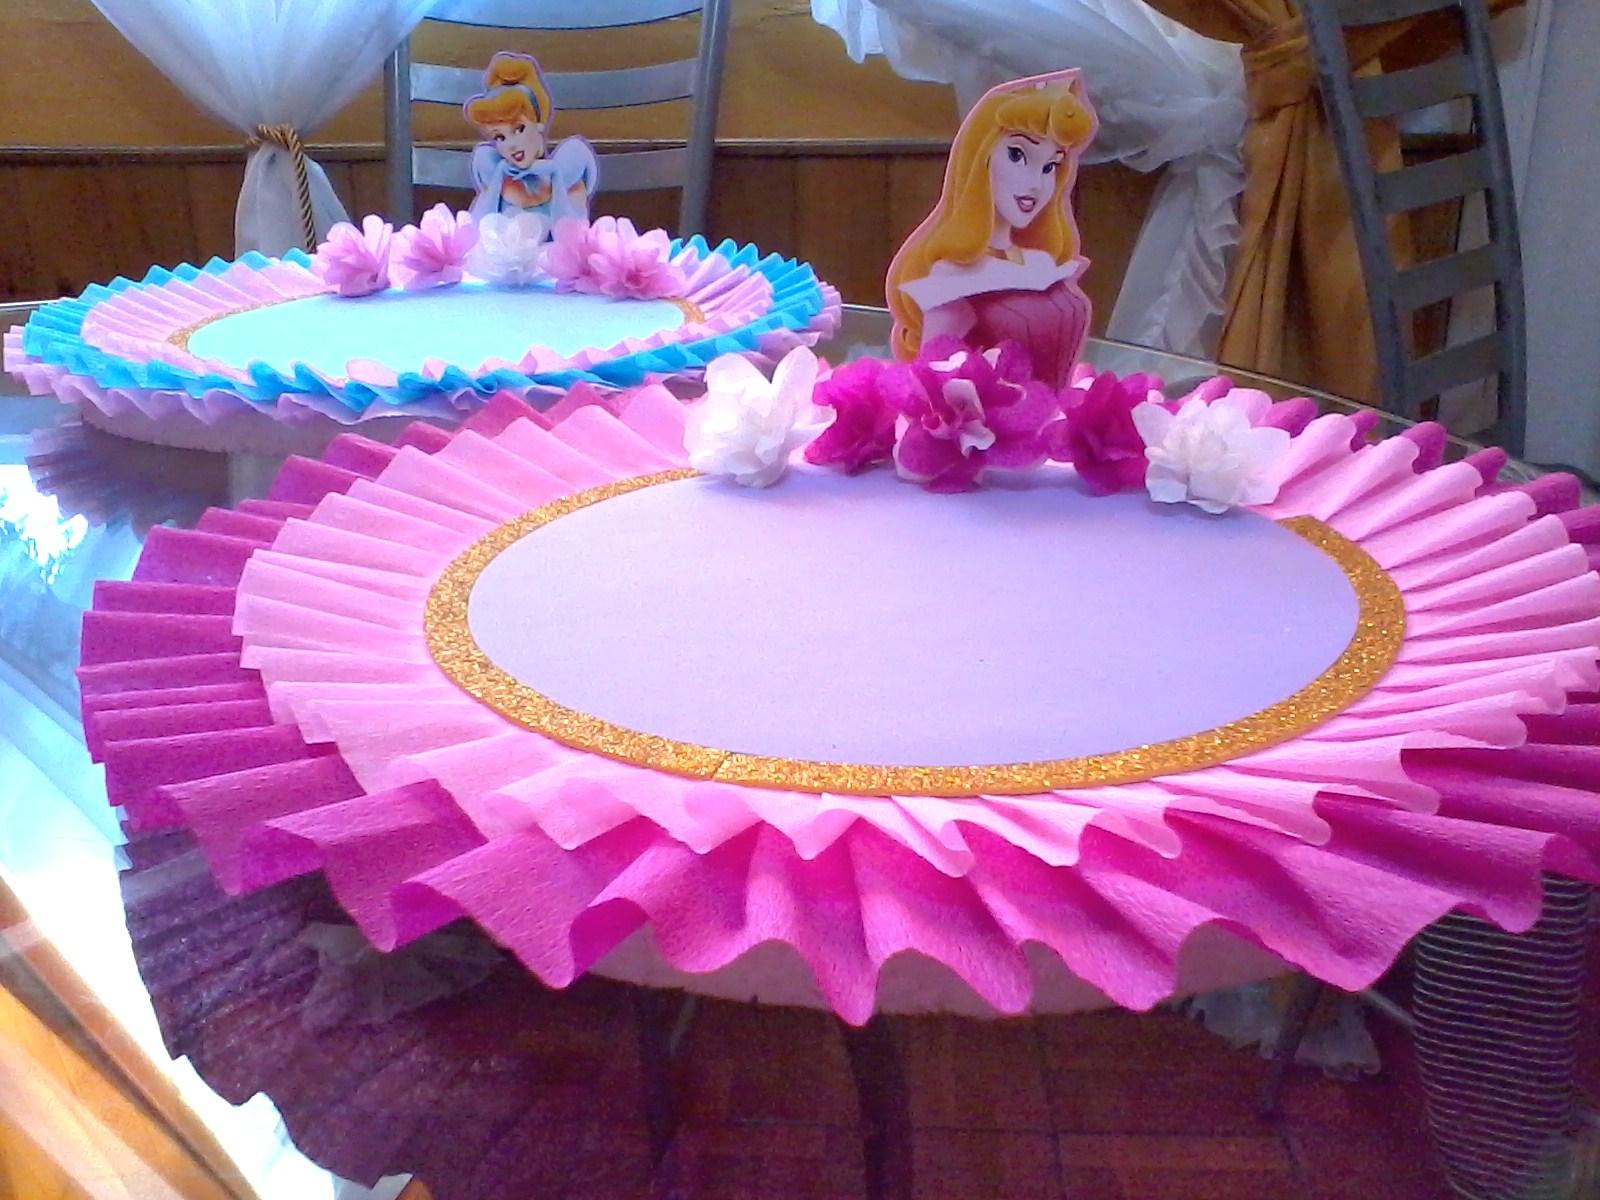 Decoraciones infantiles bandejas princesas for Decoraciones infantiles